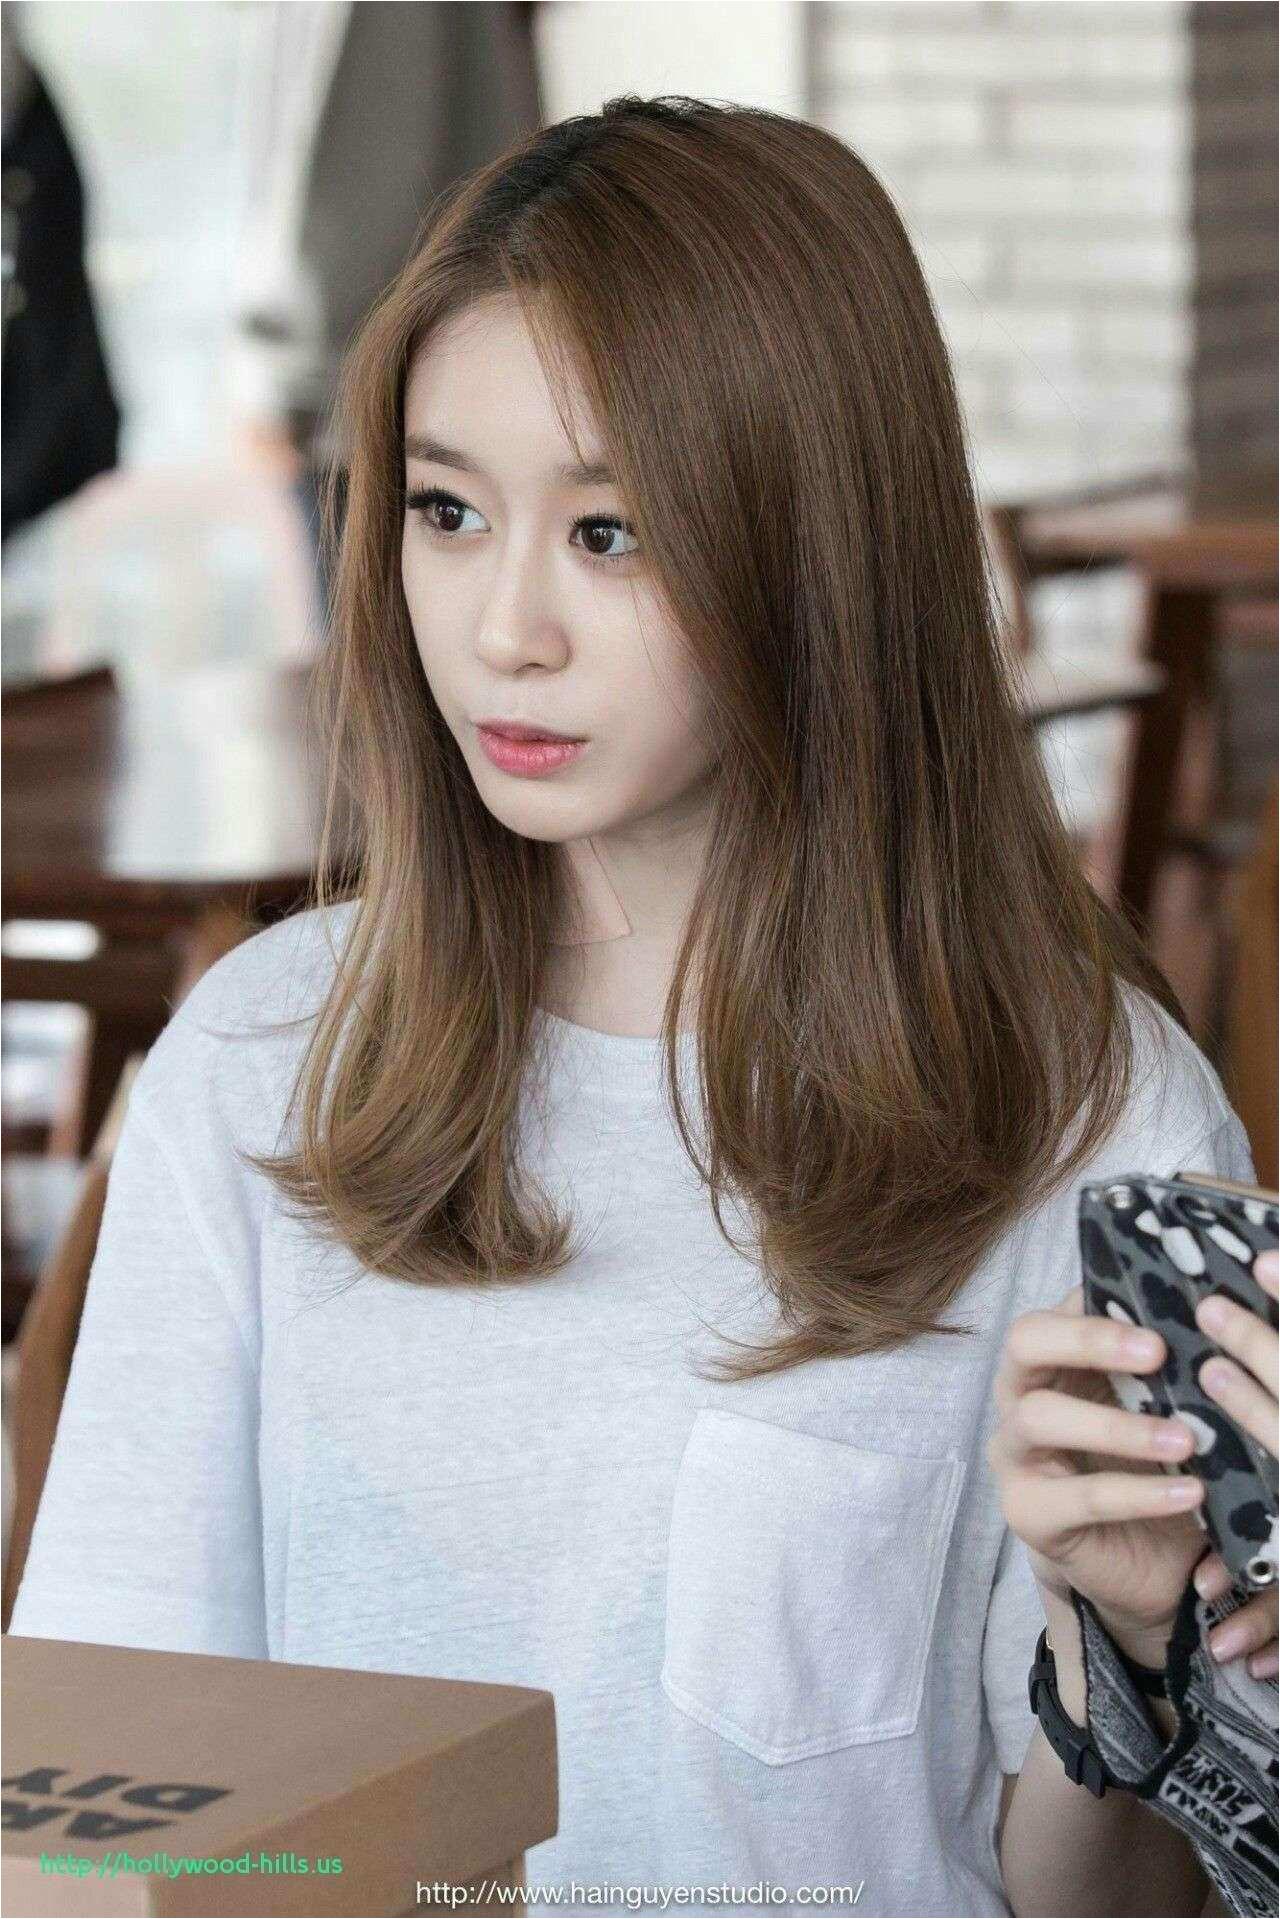 45 Luxury Korean Girls Hairstyle Pics